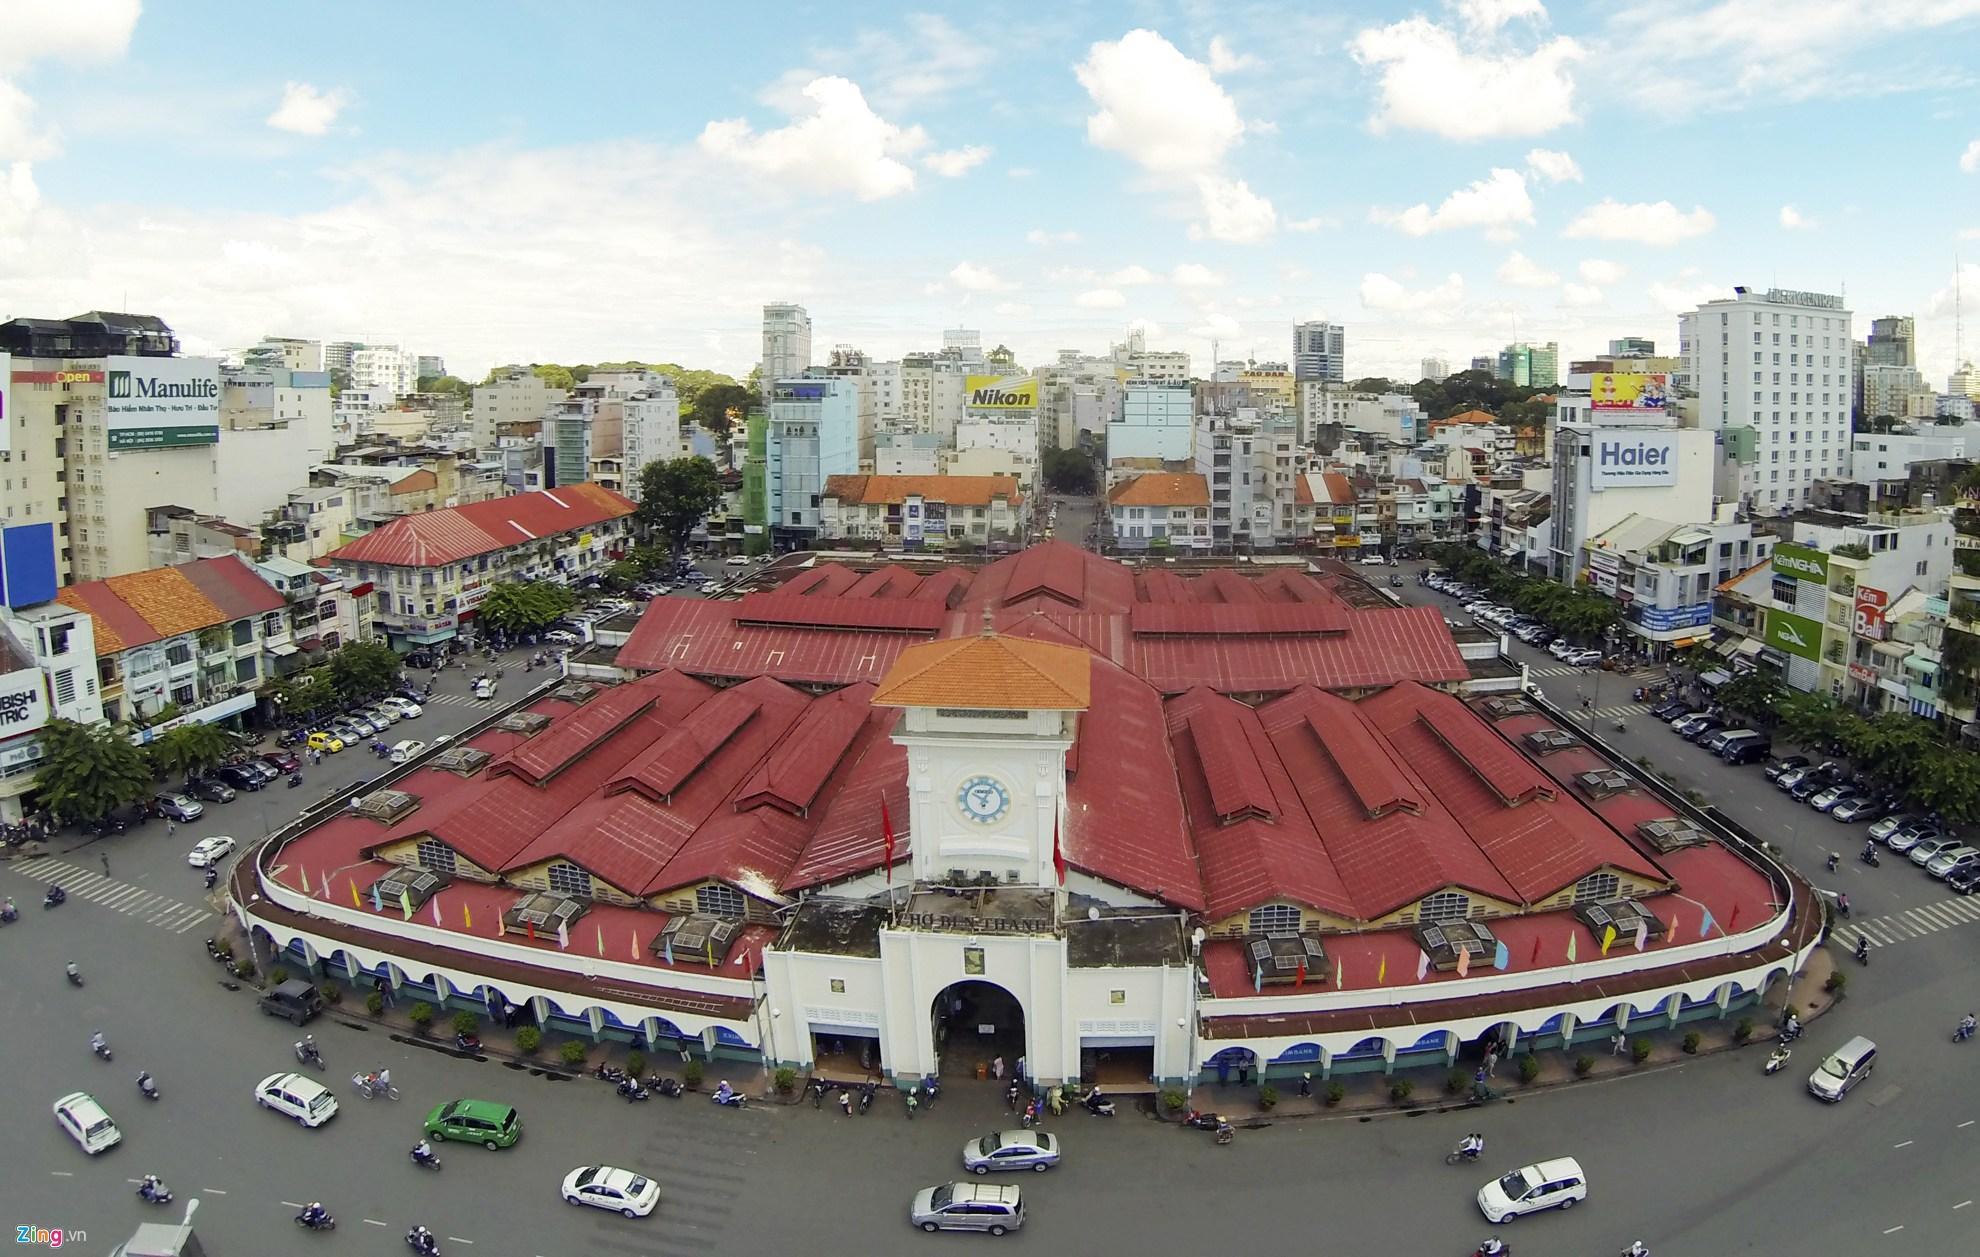 Chợ Bến Thành nhìn từ trên cao